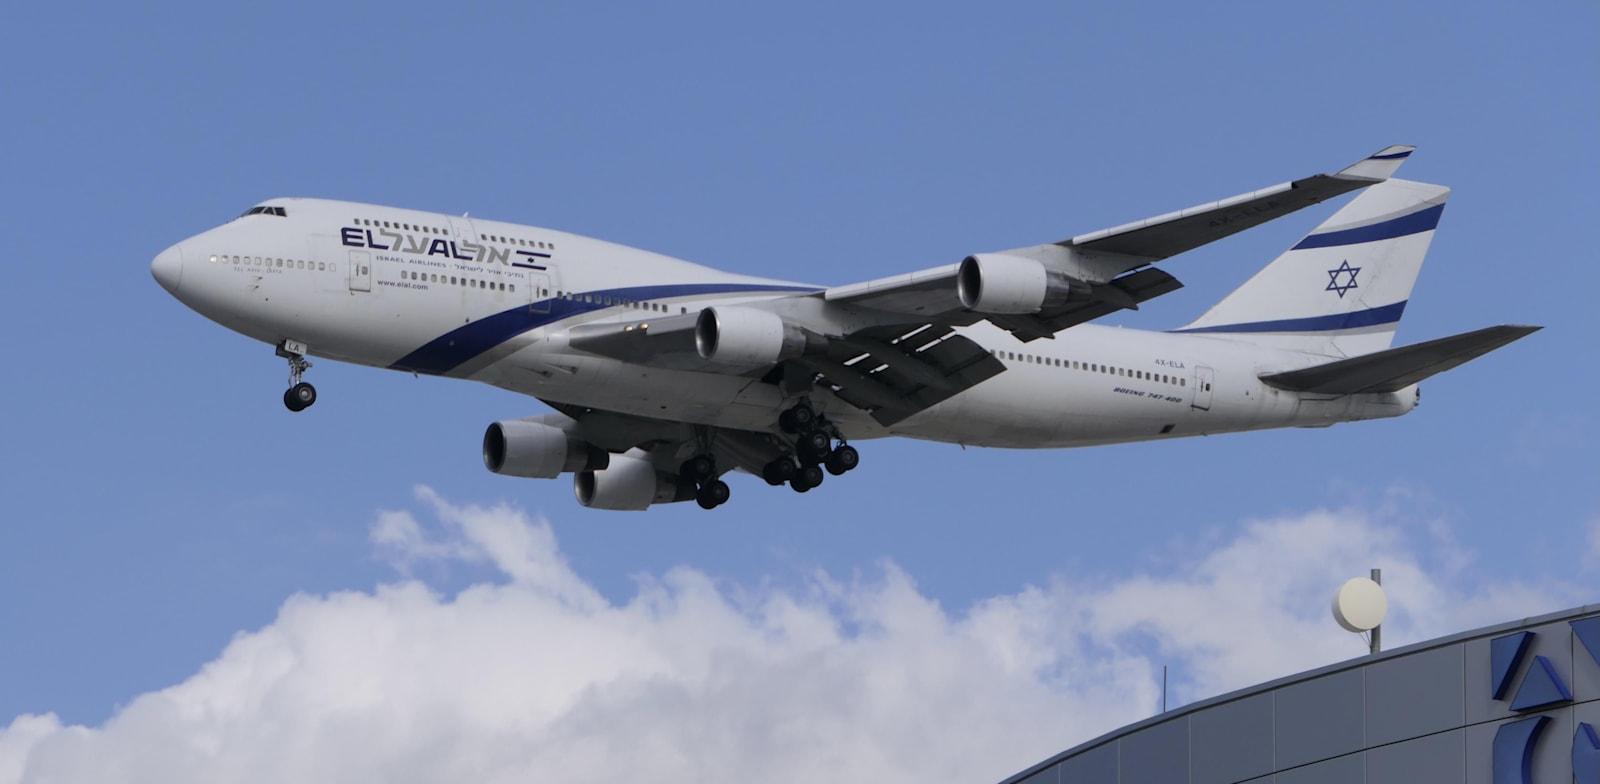 מטוס אל על / צילום: דני שדה